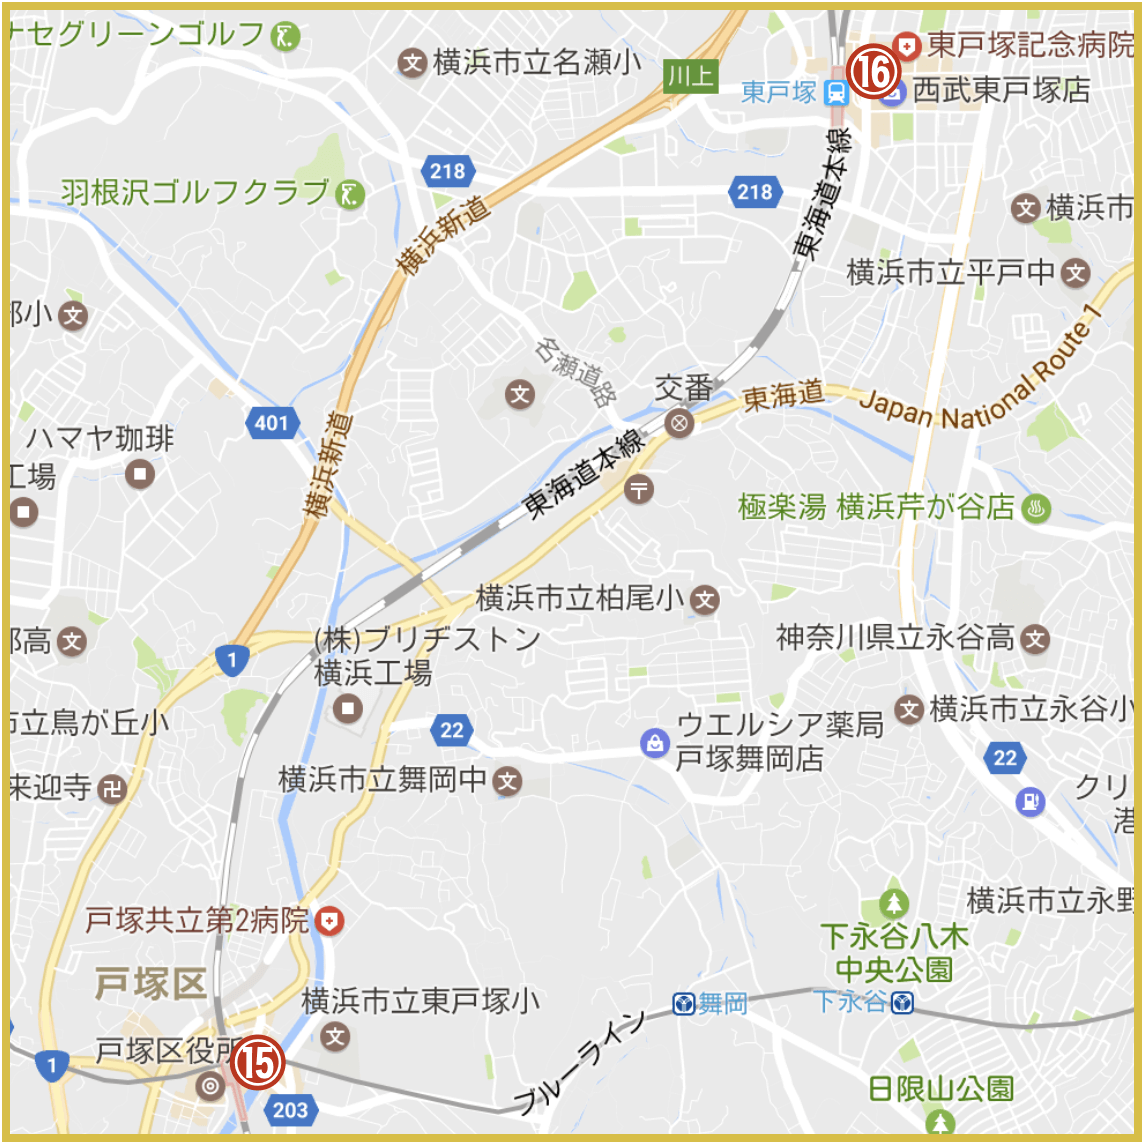 横浜市戸塚区にあるアコム店舗・ATMの位置 (2020年11月版)